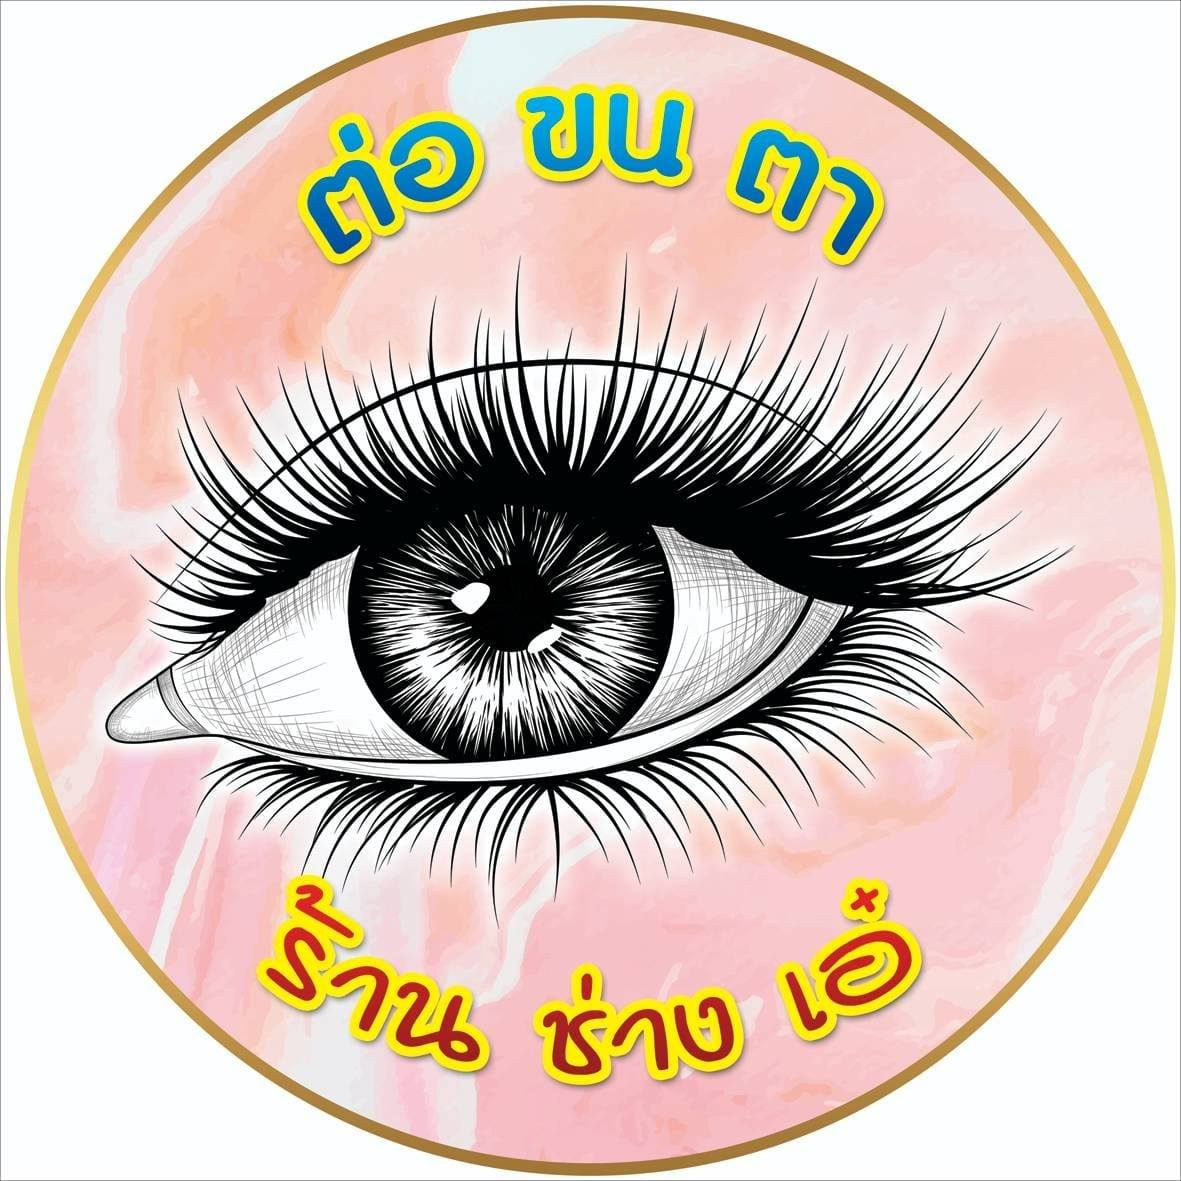 ต่อขนตา บาง ใหญ่